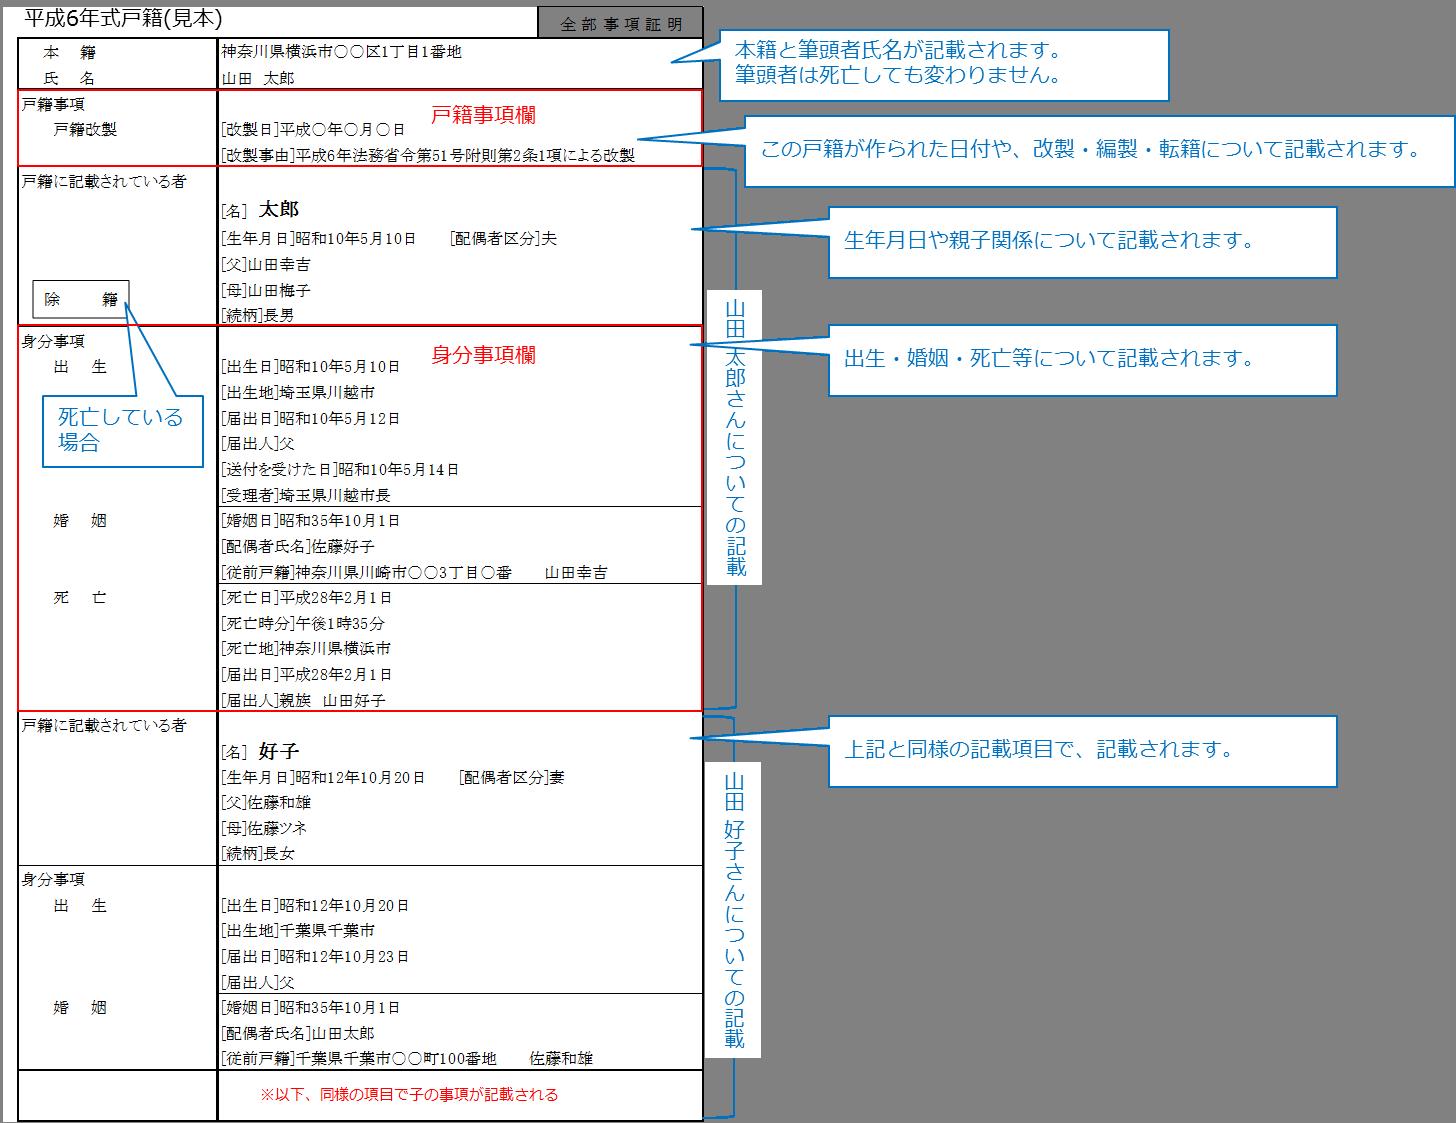 平成6年式戸籍(図)